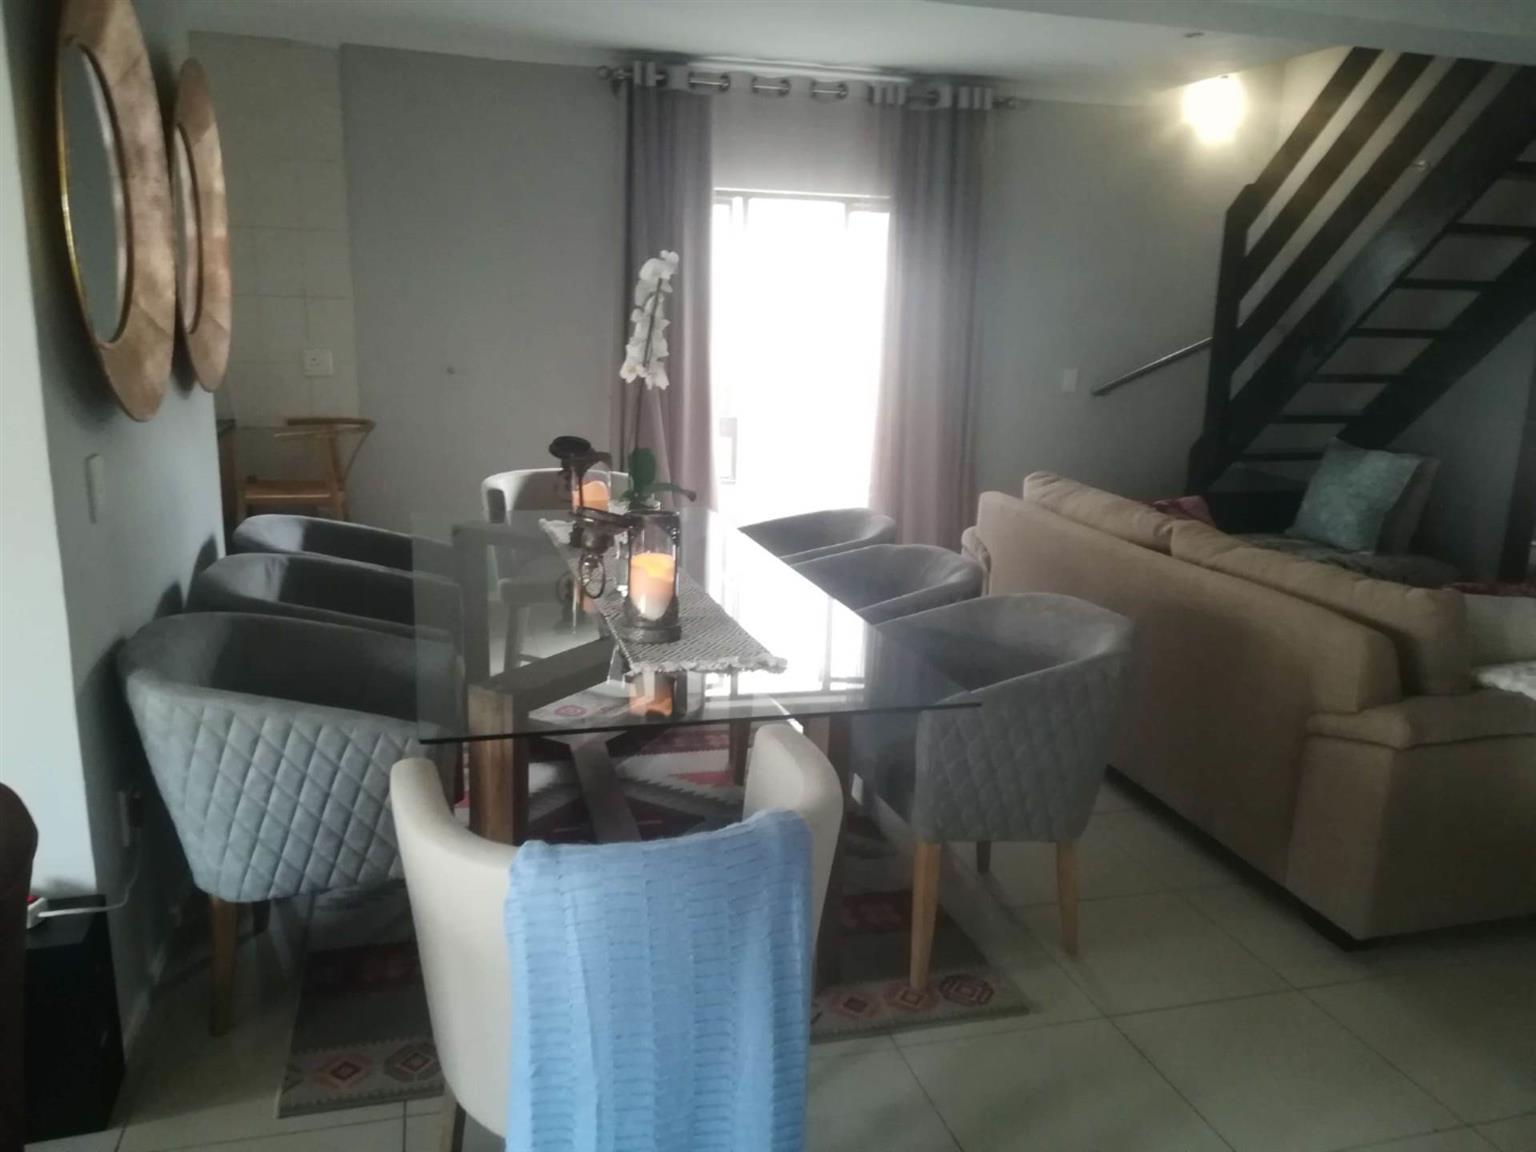 House Rental Monthly in CRAIGAVON